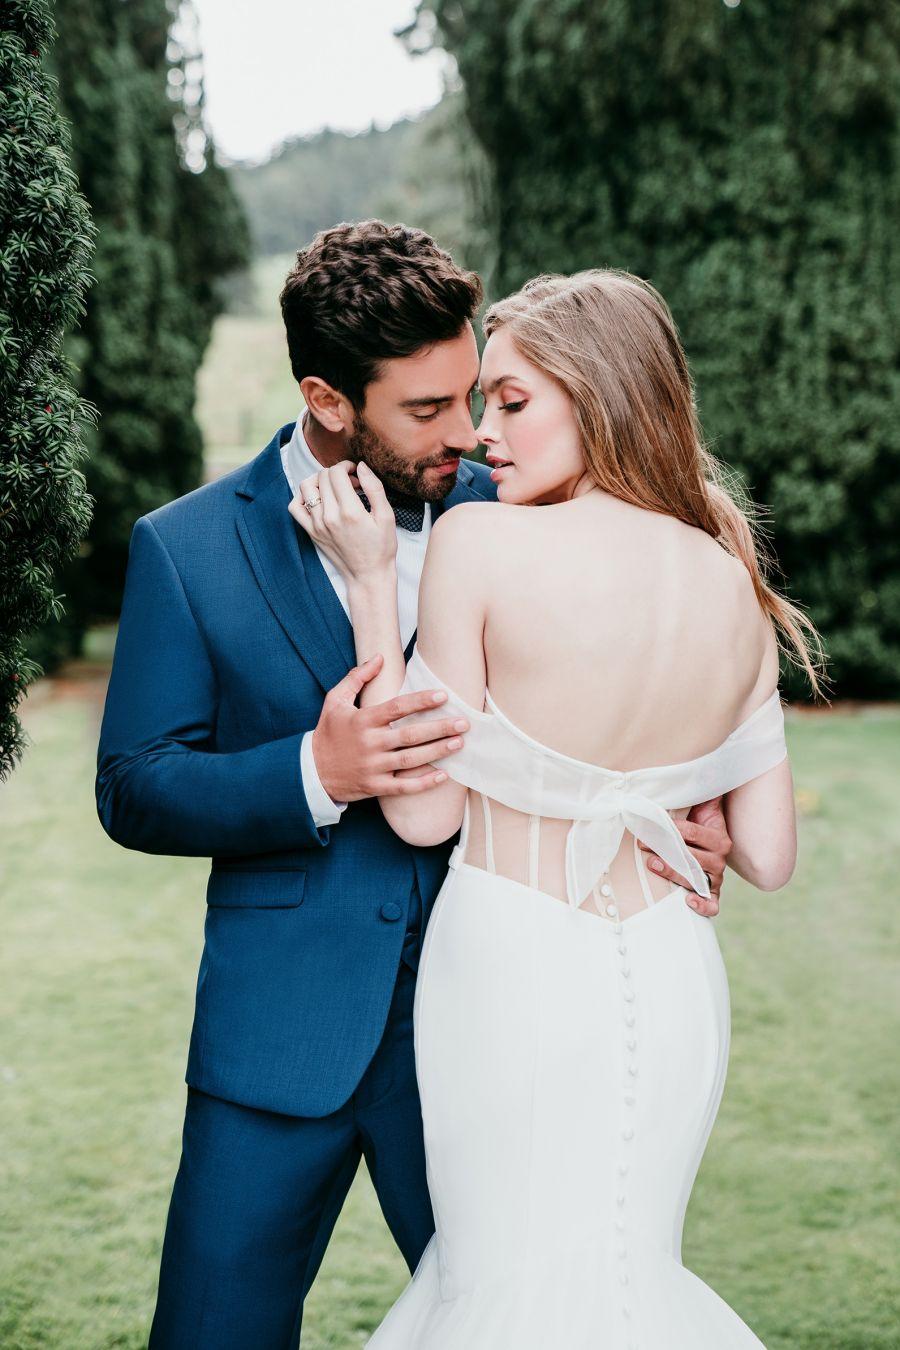 Elopement wedding: o que é e como organizar a cerimônia